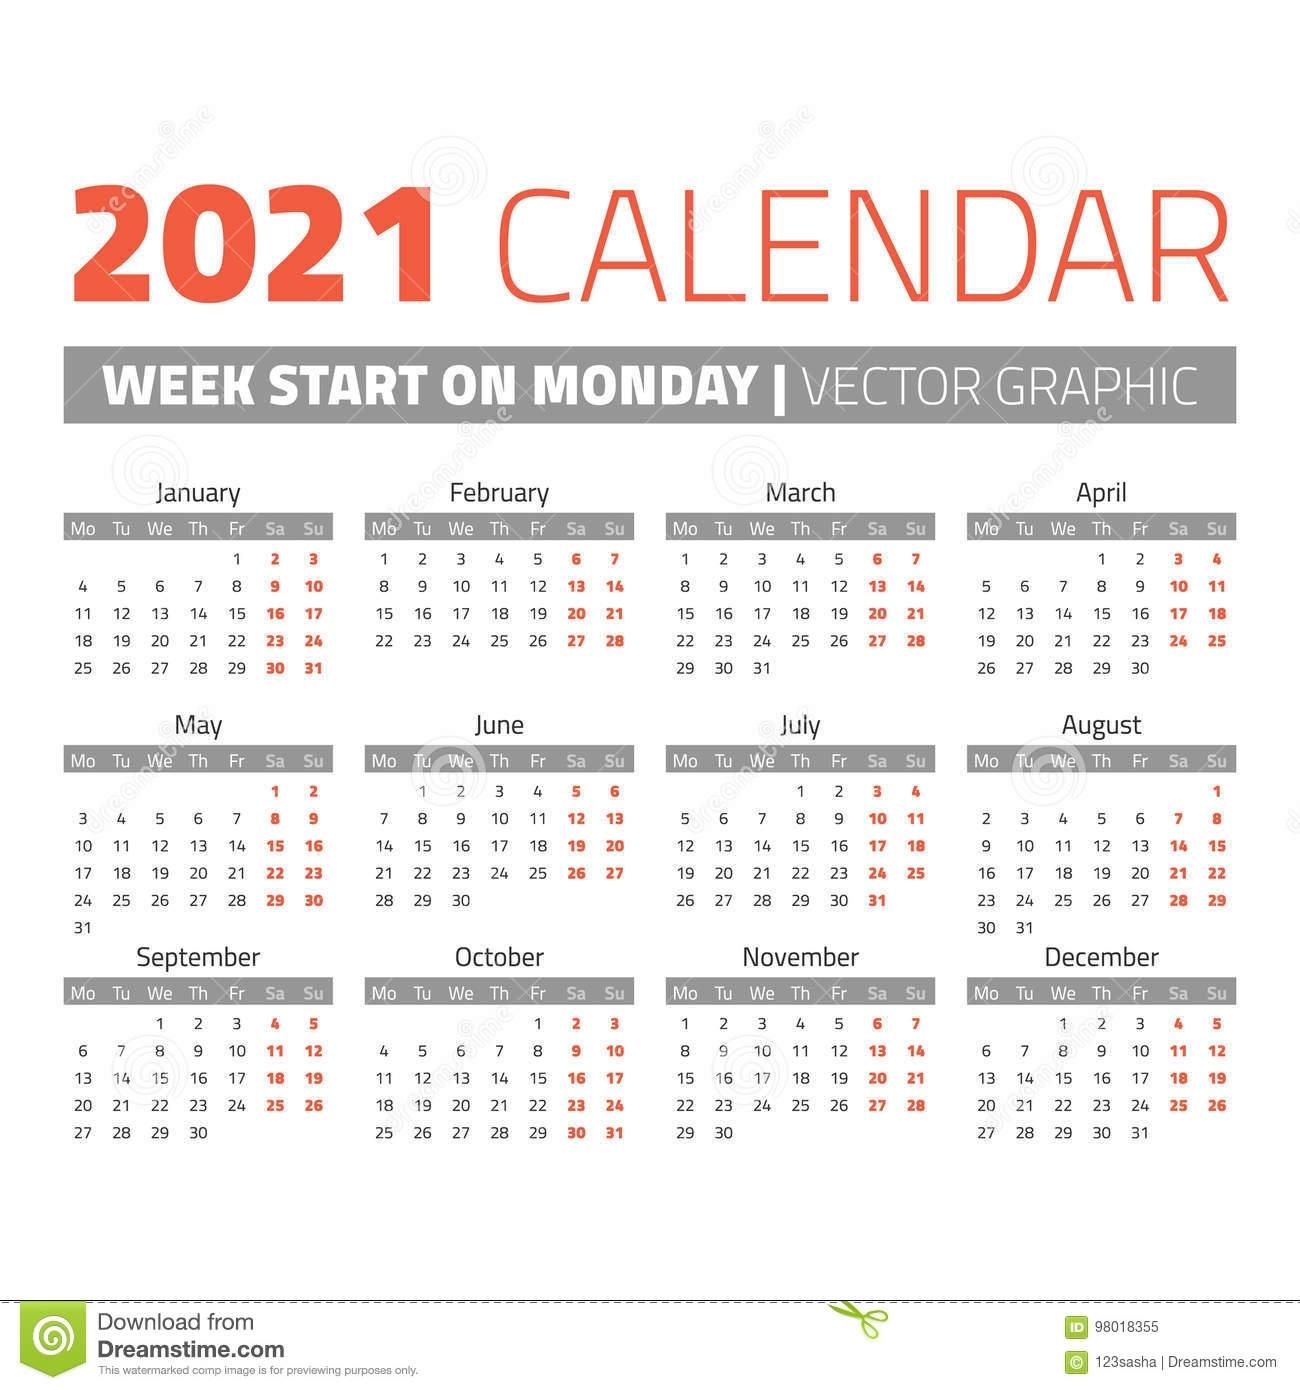 Take 2021 Calendar Weeks Start On Monday